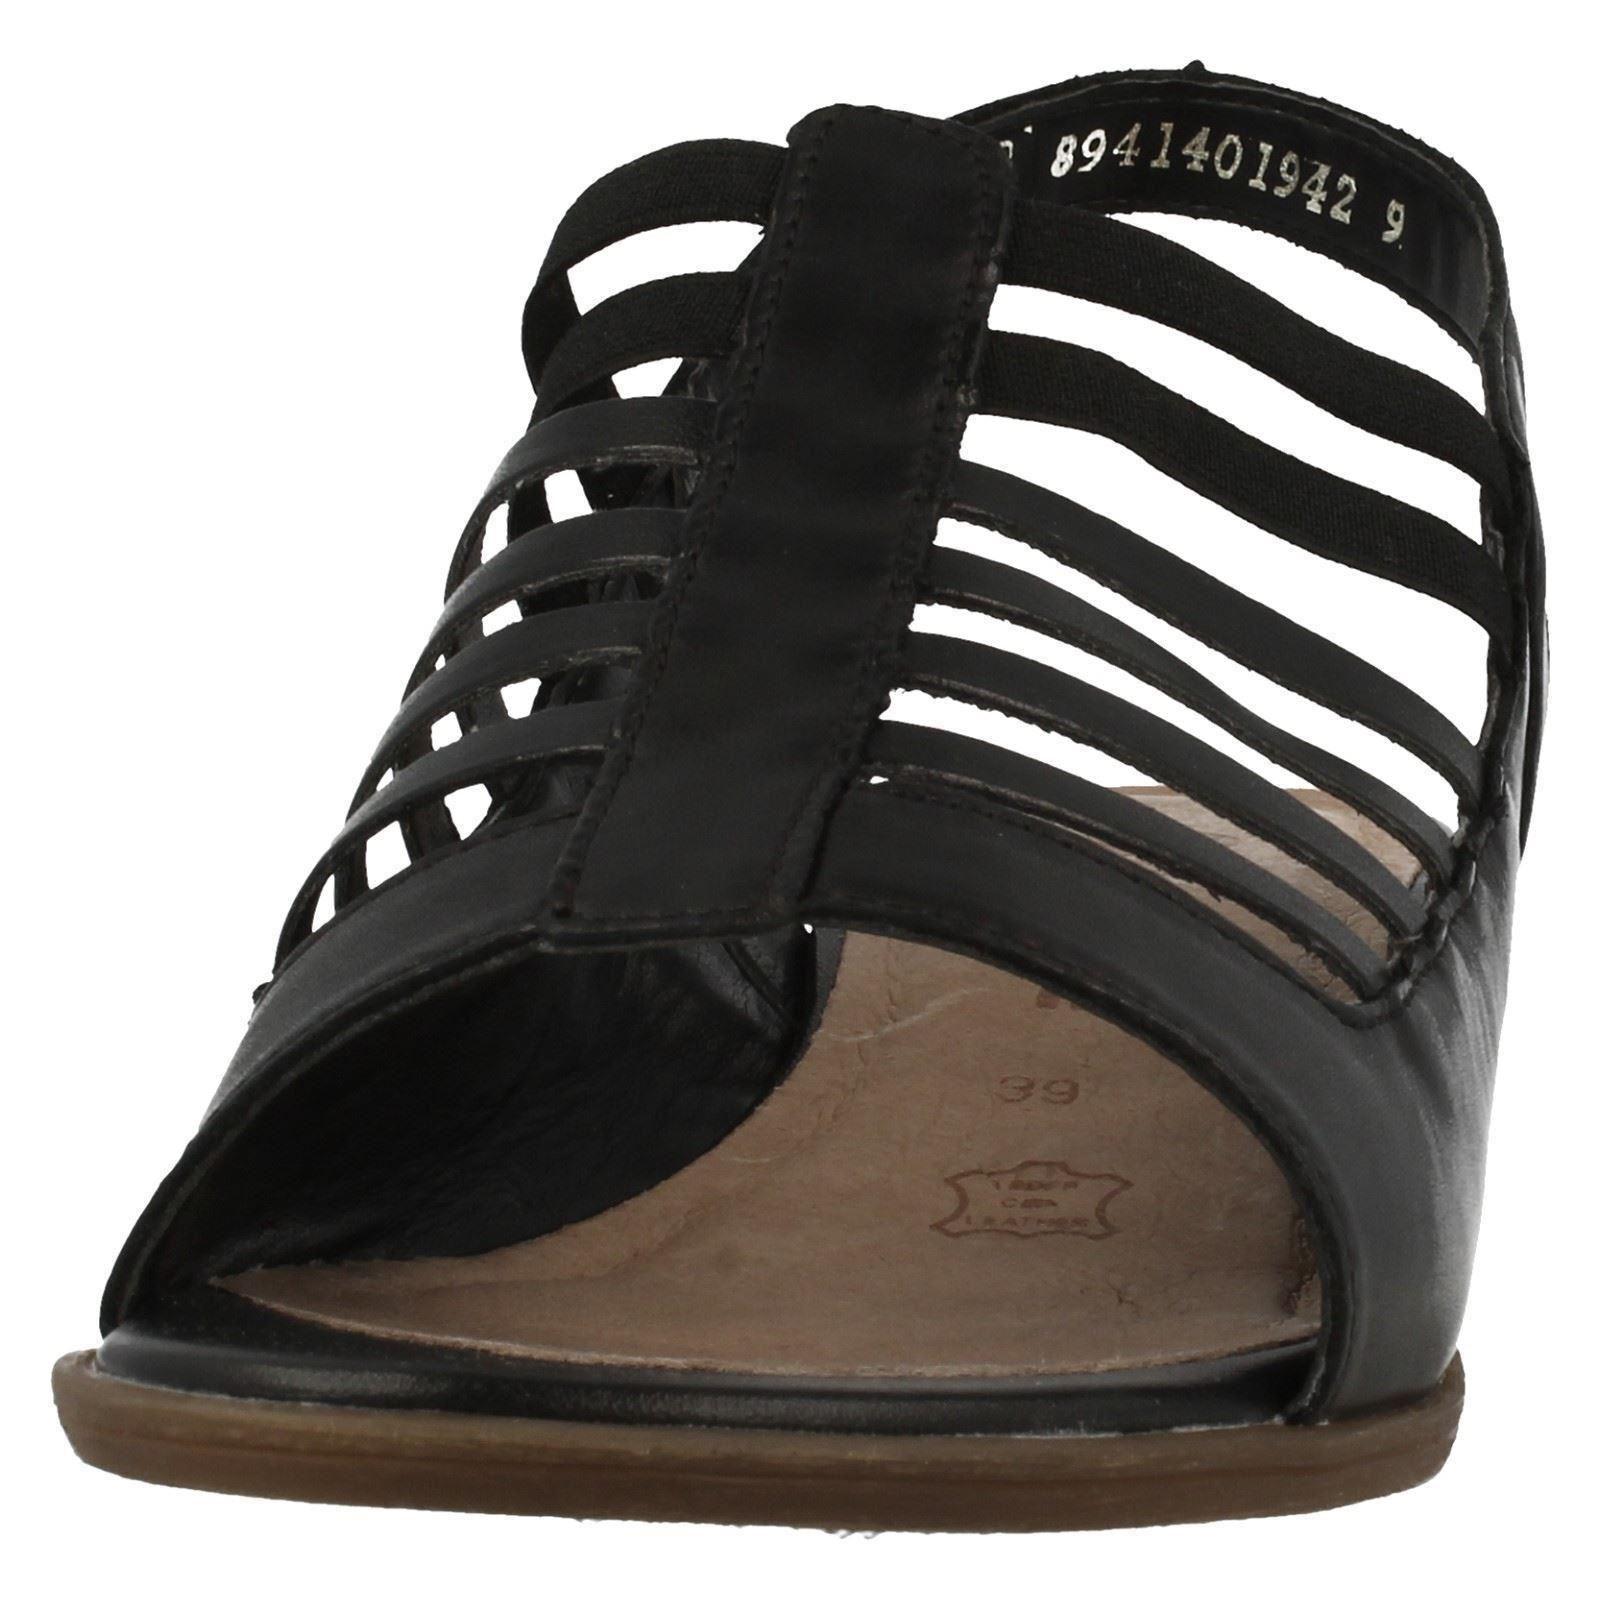 Damen schwarz zehenfrei LEDER REMONTE mit Absatz zehenfrei schwarz Sommer Sandalen r0853 409536